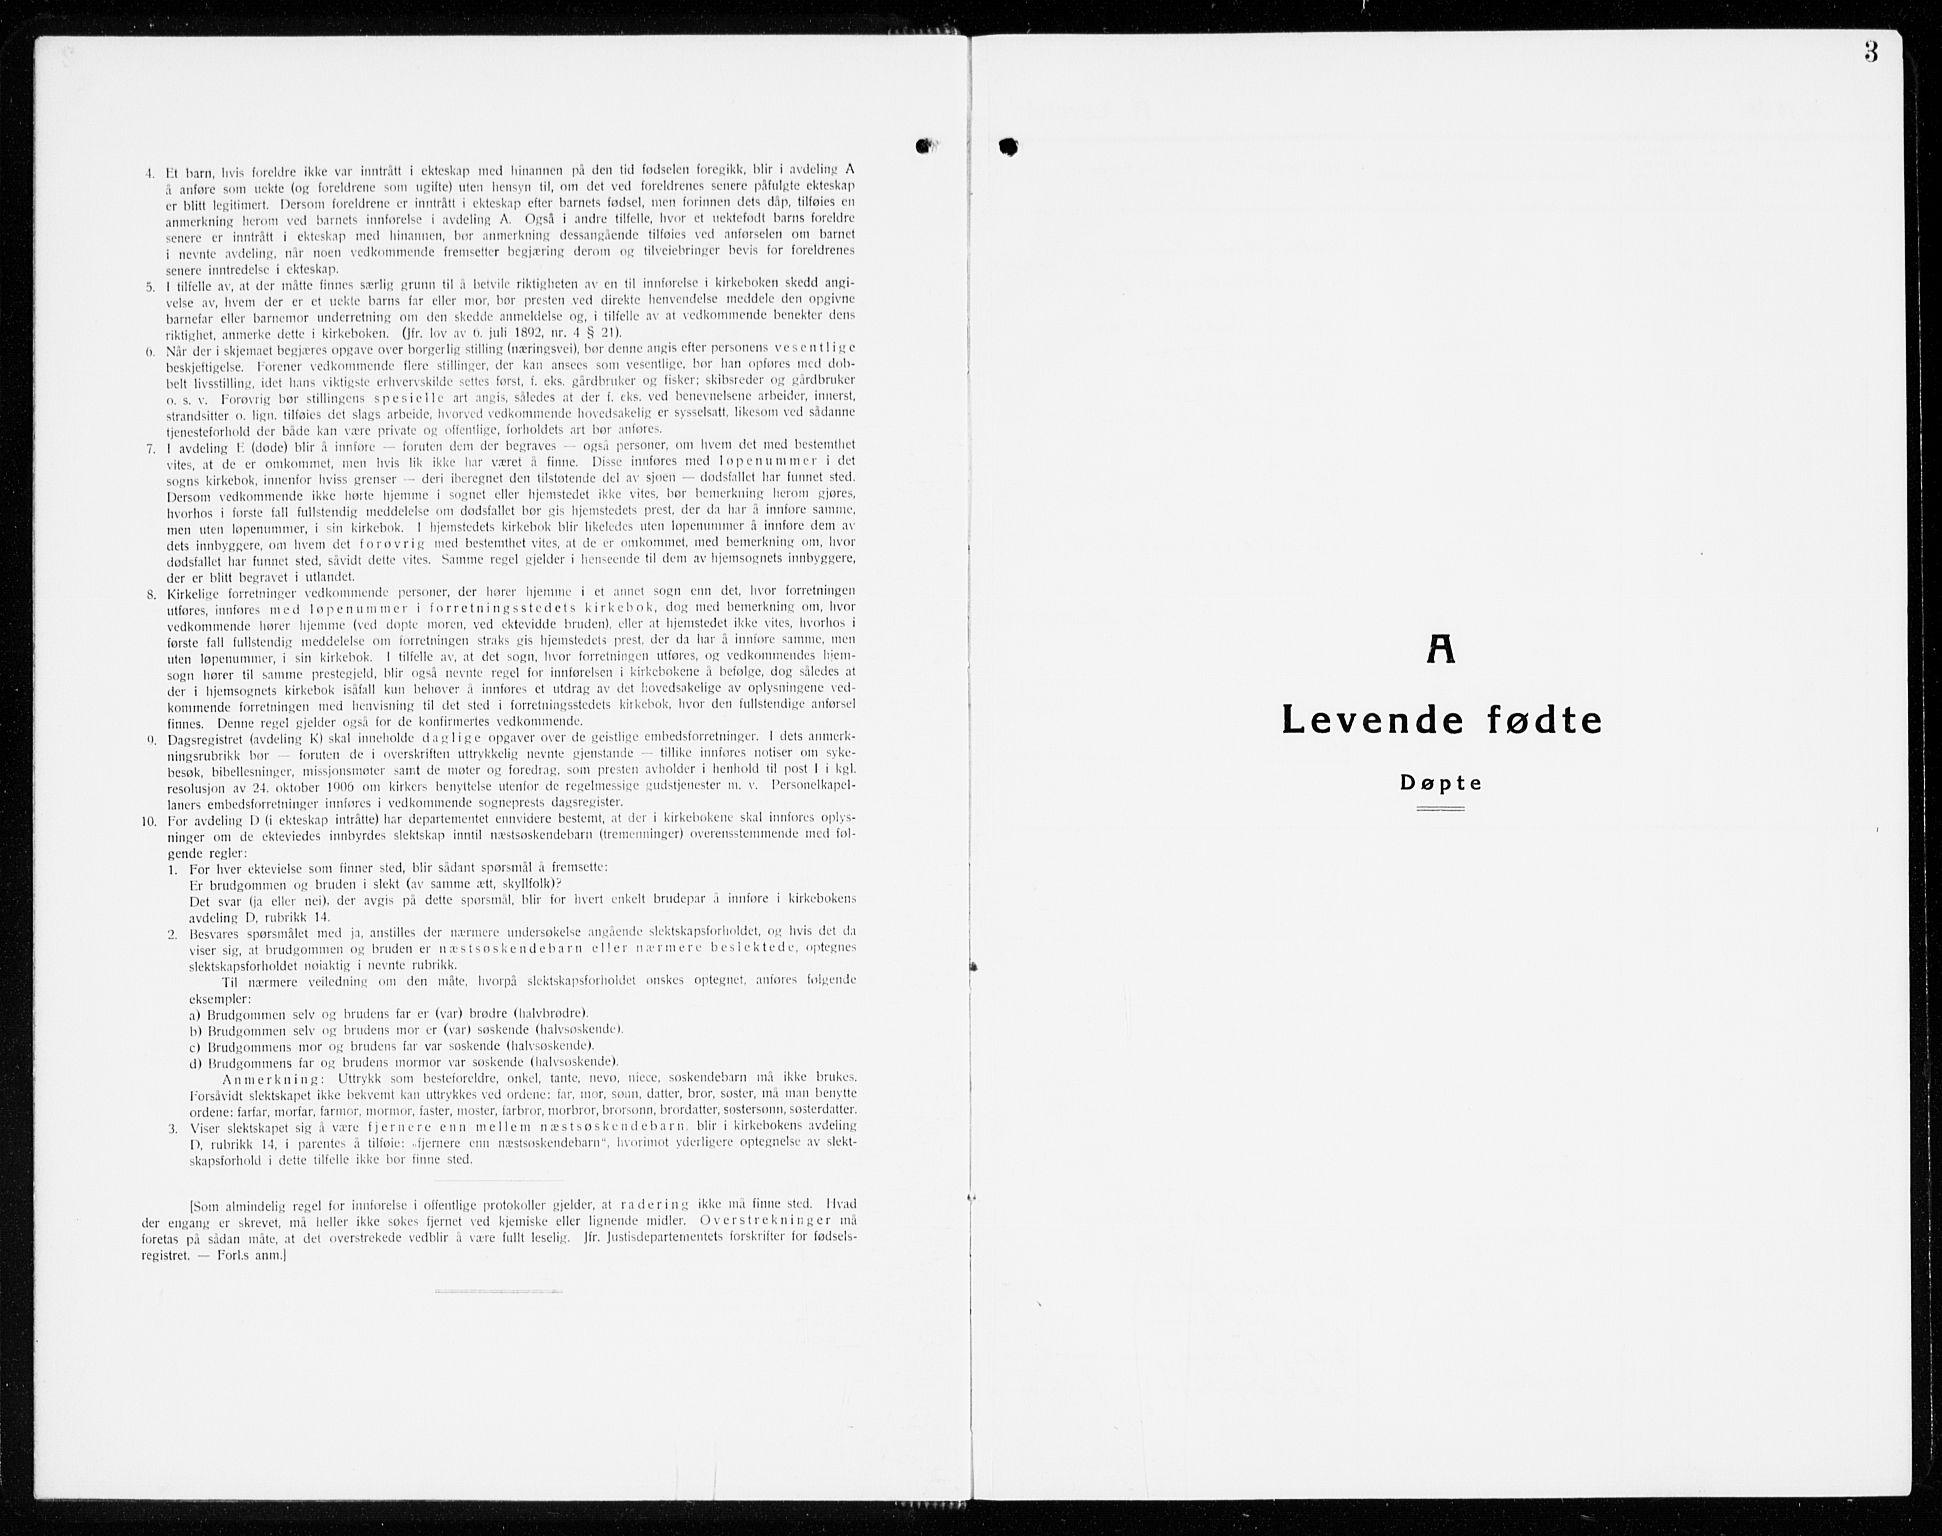 SAKO, Eidanger kirkebøker, G/Ga/L0005: Klokkerbok nr. 5, 1928-1942, s. 3